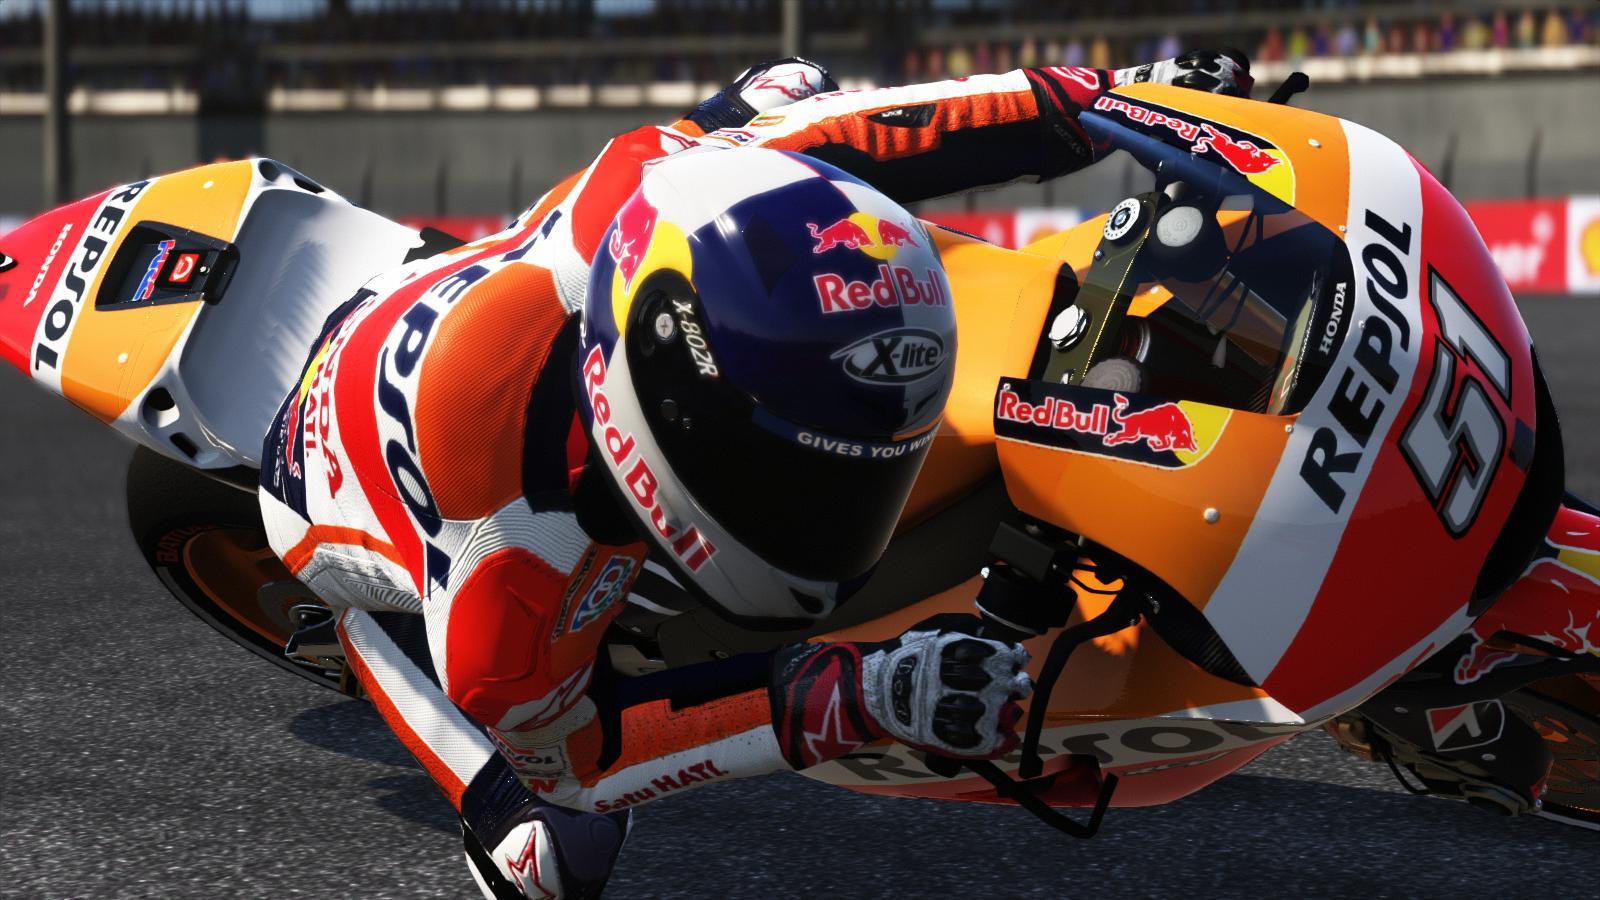 MotoGP15X64 2016-02-08 00-33-45-28.jpg